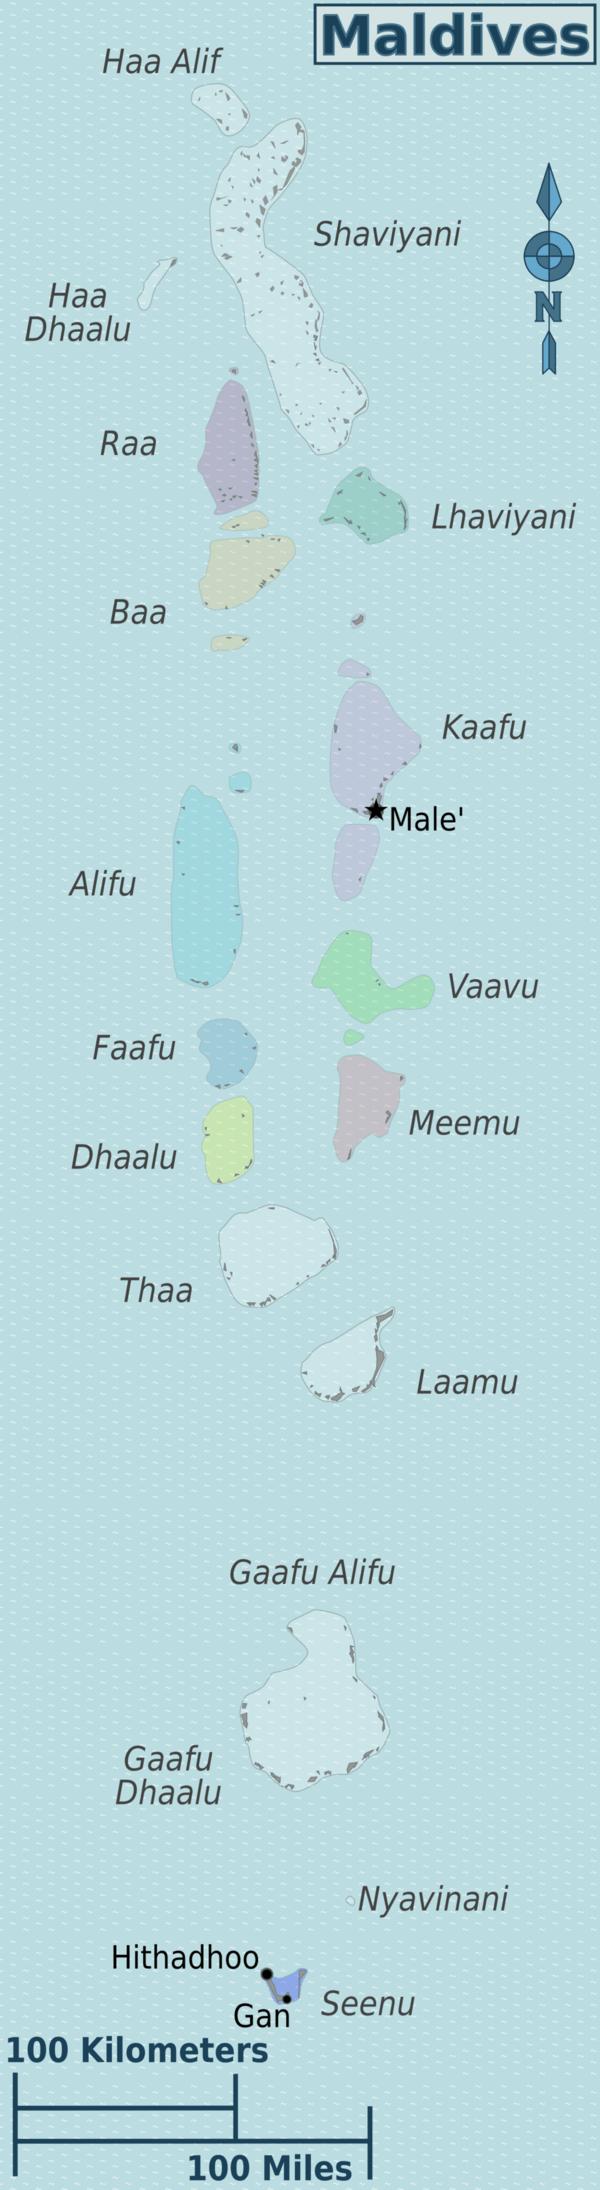 maldives攻略,  马尔代夫行政区域分布图 -百科-马尔代夫-专业代理-海岸线假期-唯一官方网站